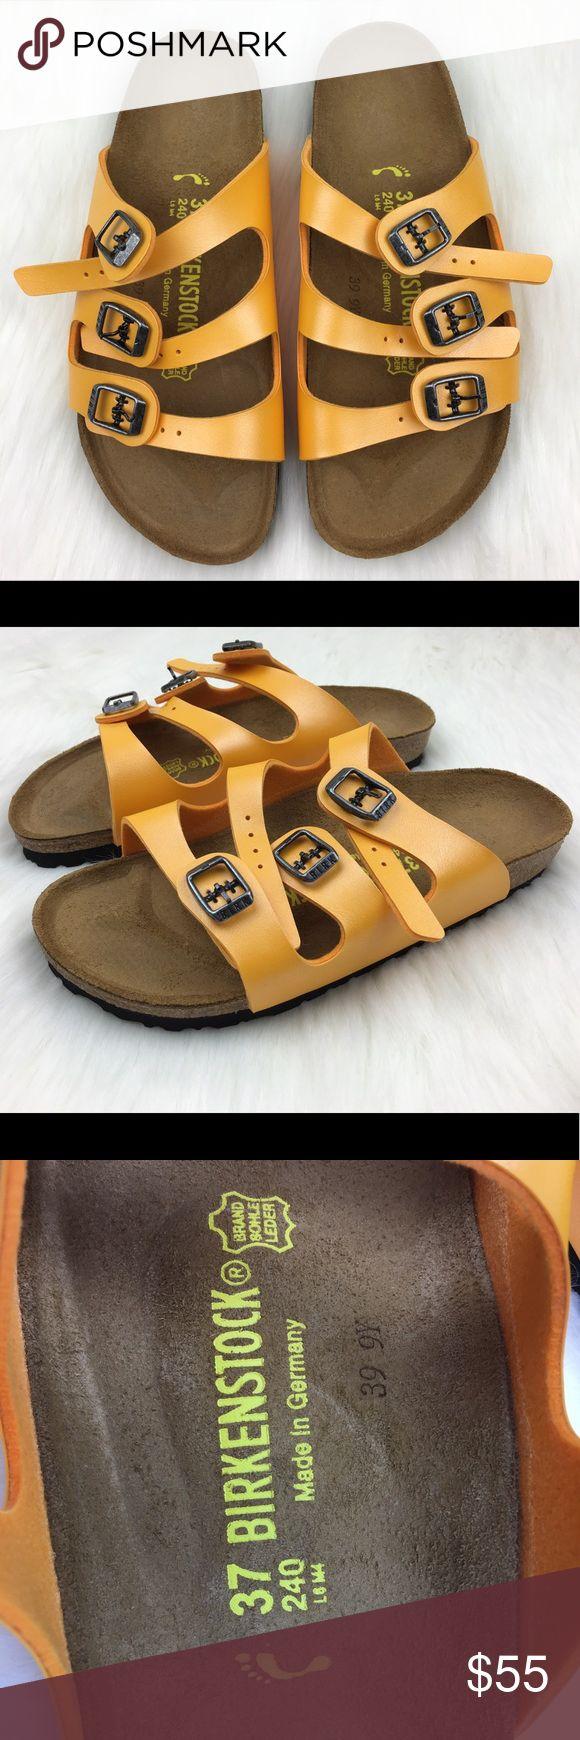 NEW Birkenstock Florida 3 Strap Yellow Sandals Birkenstock Florida Birko Flor 3 Strap Yellow Sandals Sz 37 US 6.5 Birkenstock Shoes Sandals